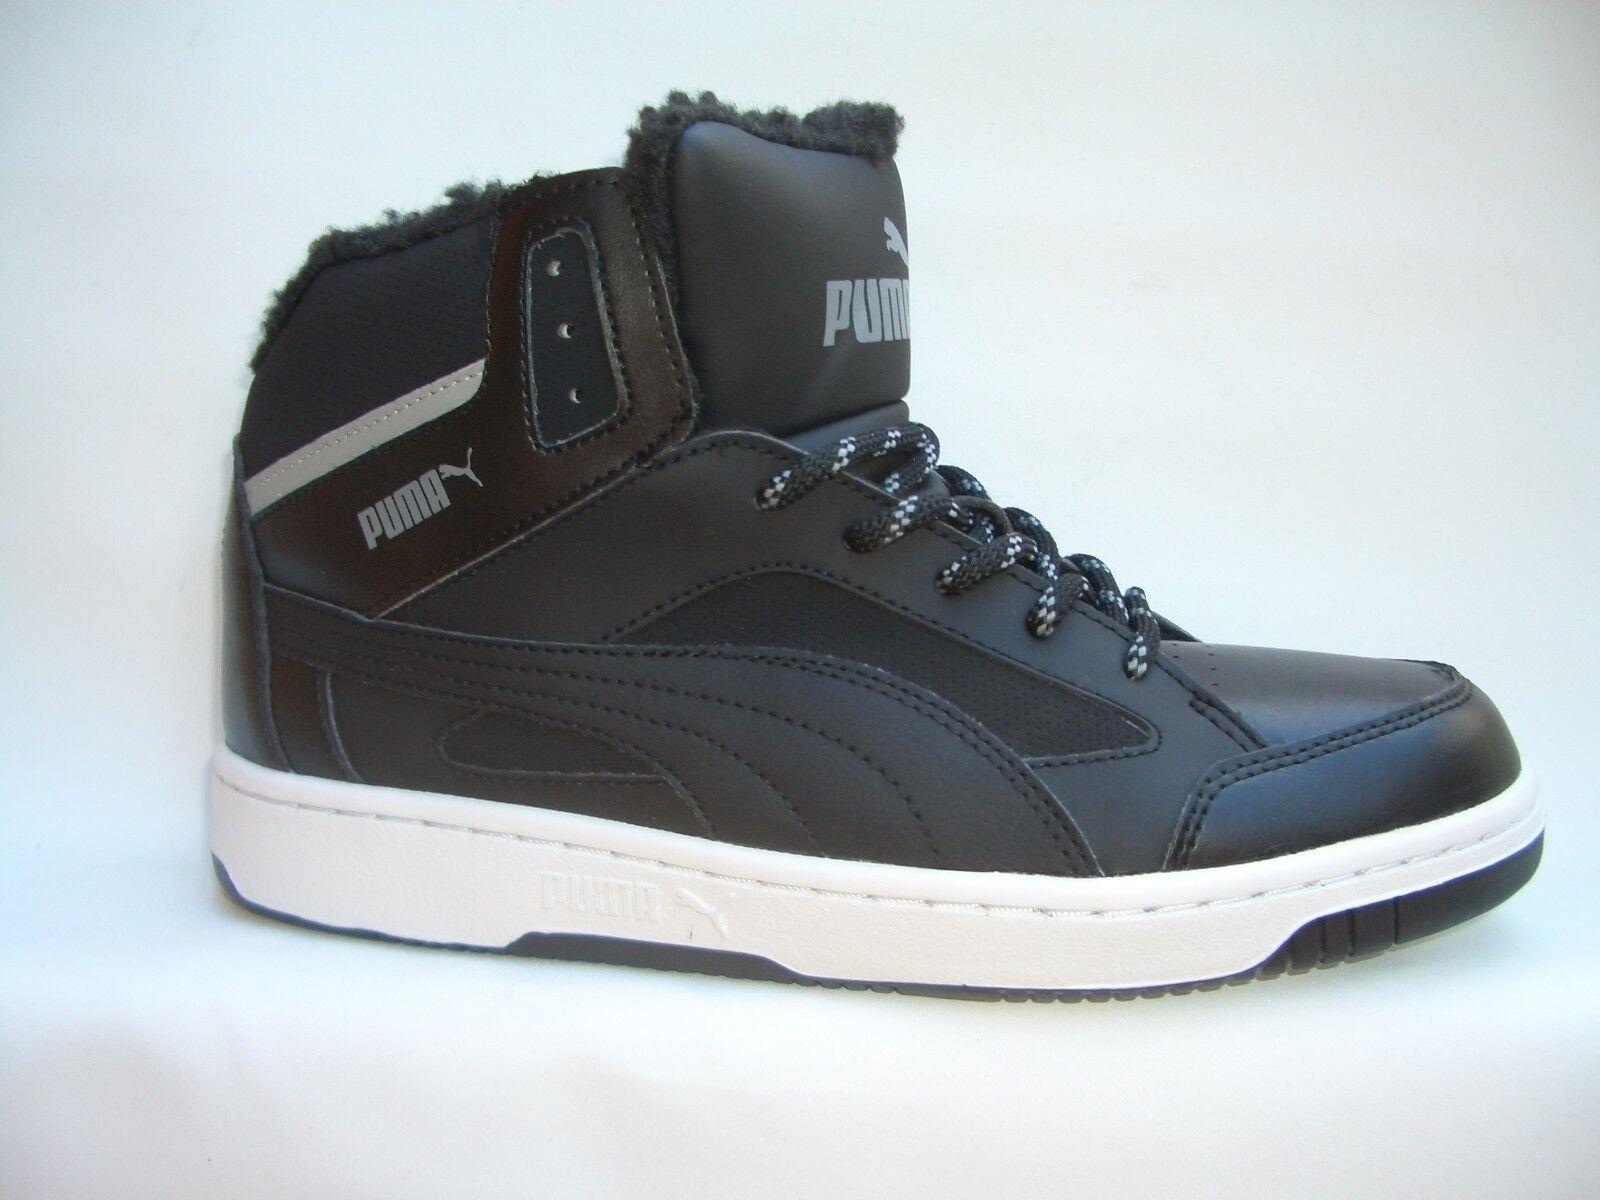 PUMA REBOUND V.2 HI schwarz/grau/wss ...mit warmfutter     Sneaker Sportschuhe